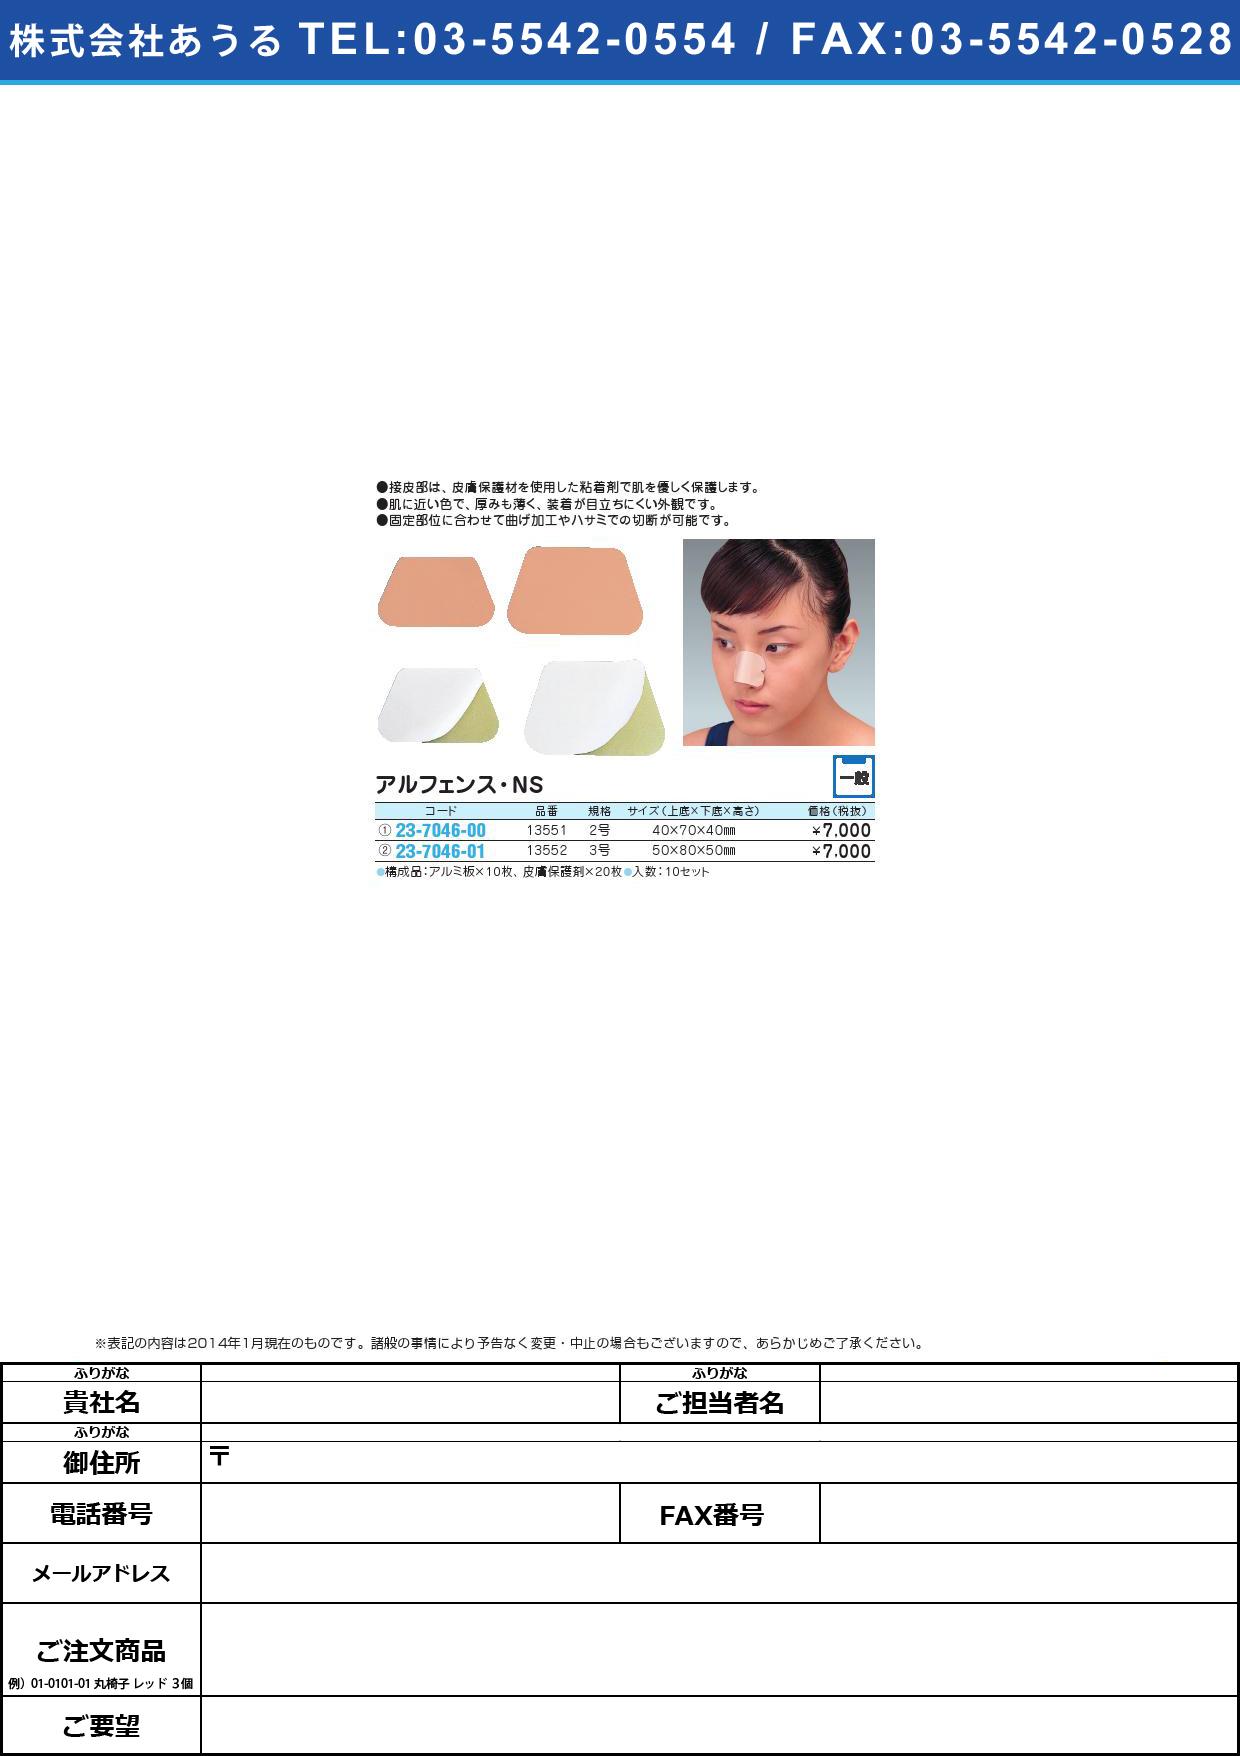 アルフェンス・NS(2号) アルフェンス・NS(2ゴウ) 13551(10セットイリ)【1箱単位】(23-7046-00)